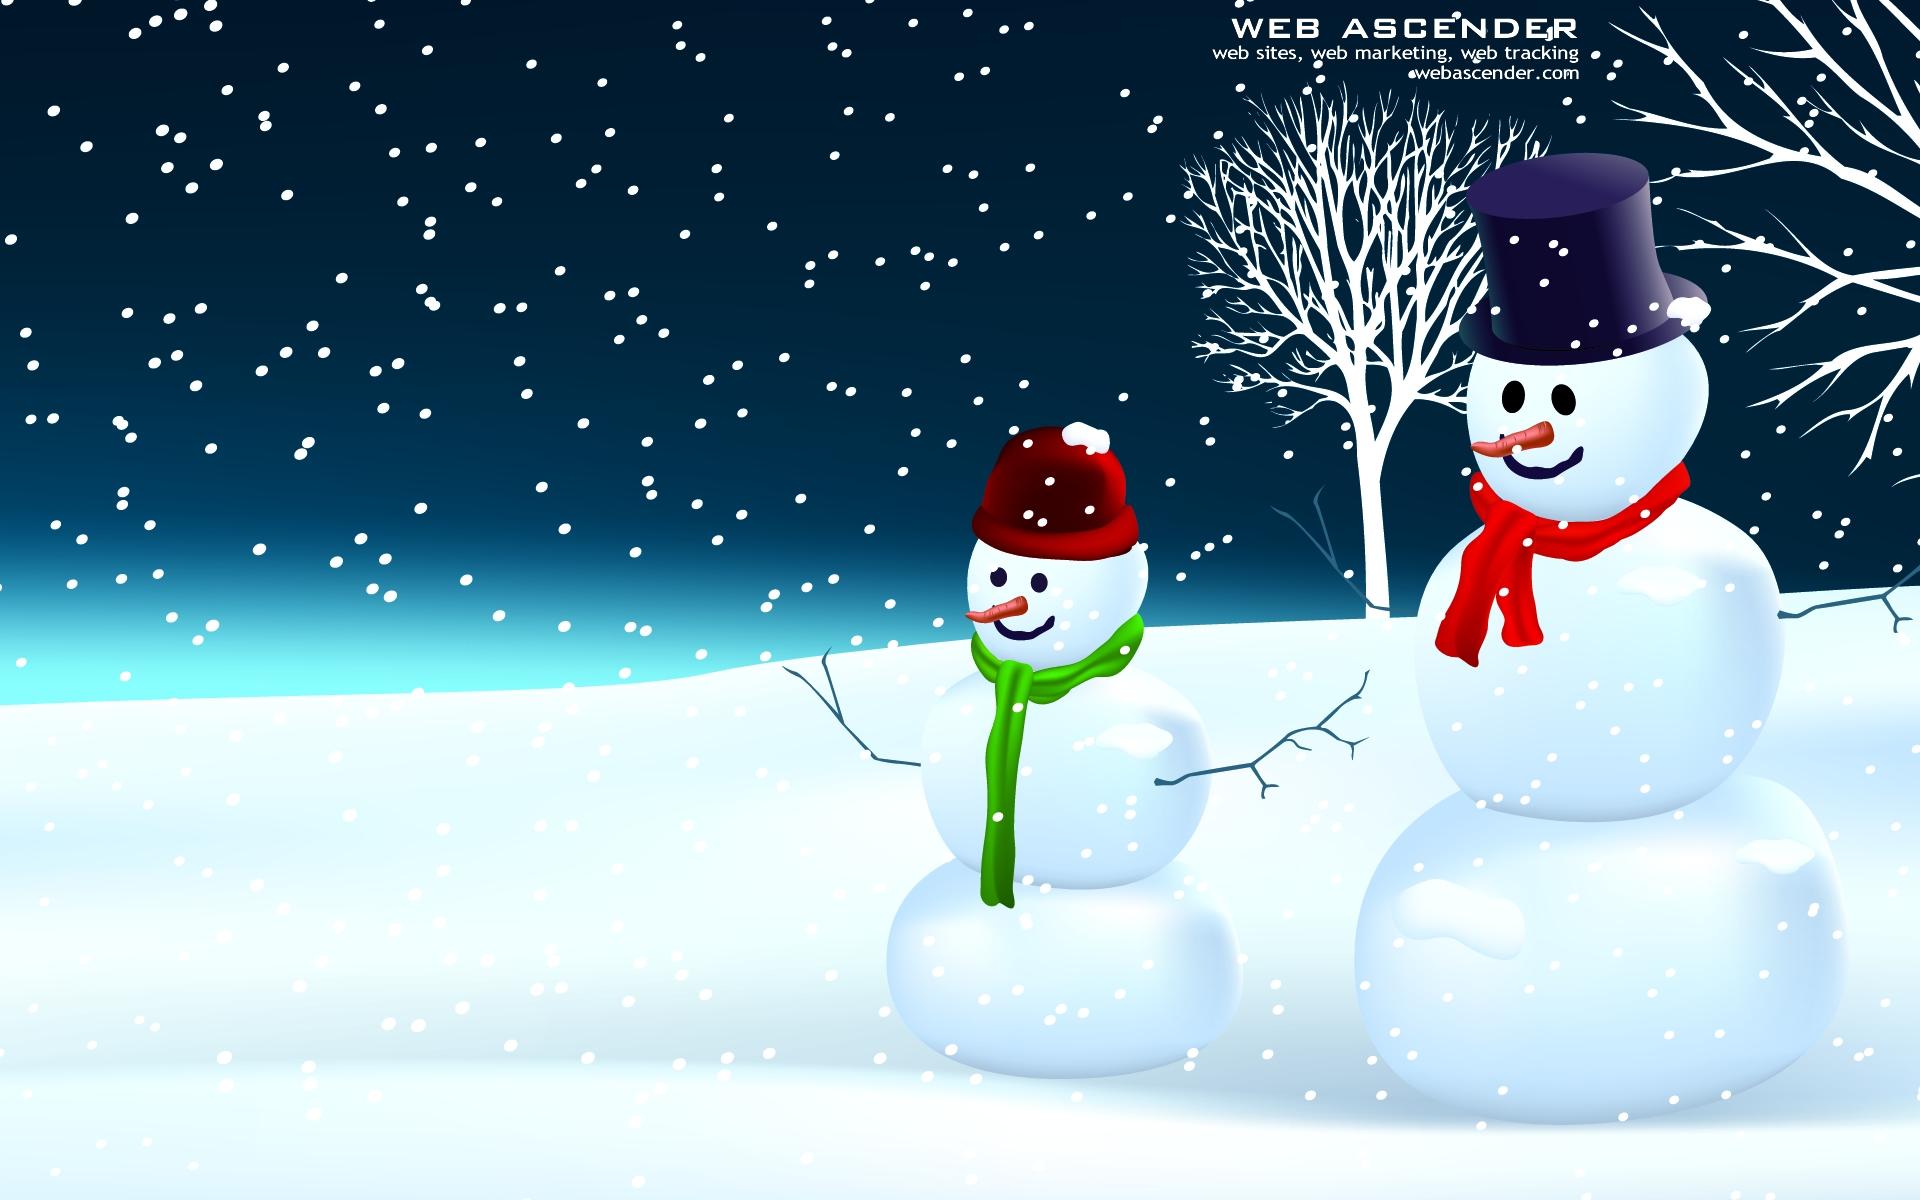 Snowman Screensavers and Wallpaper - WallpaperSafari